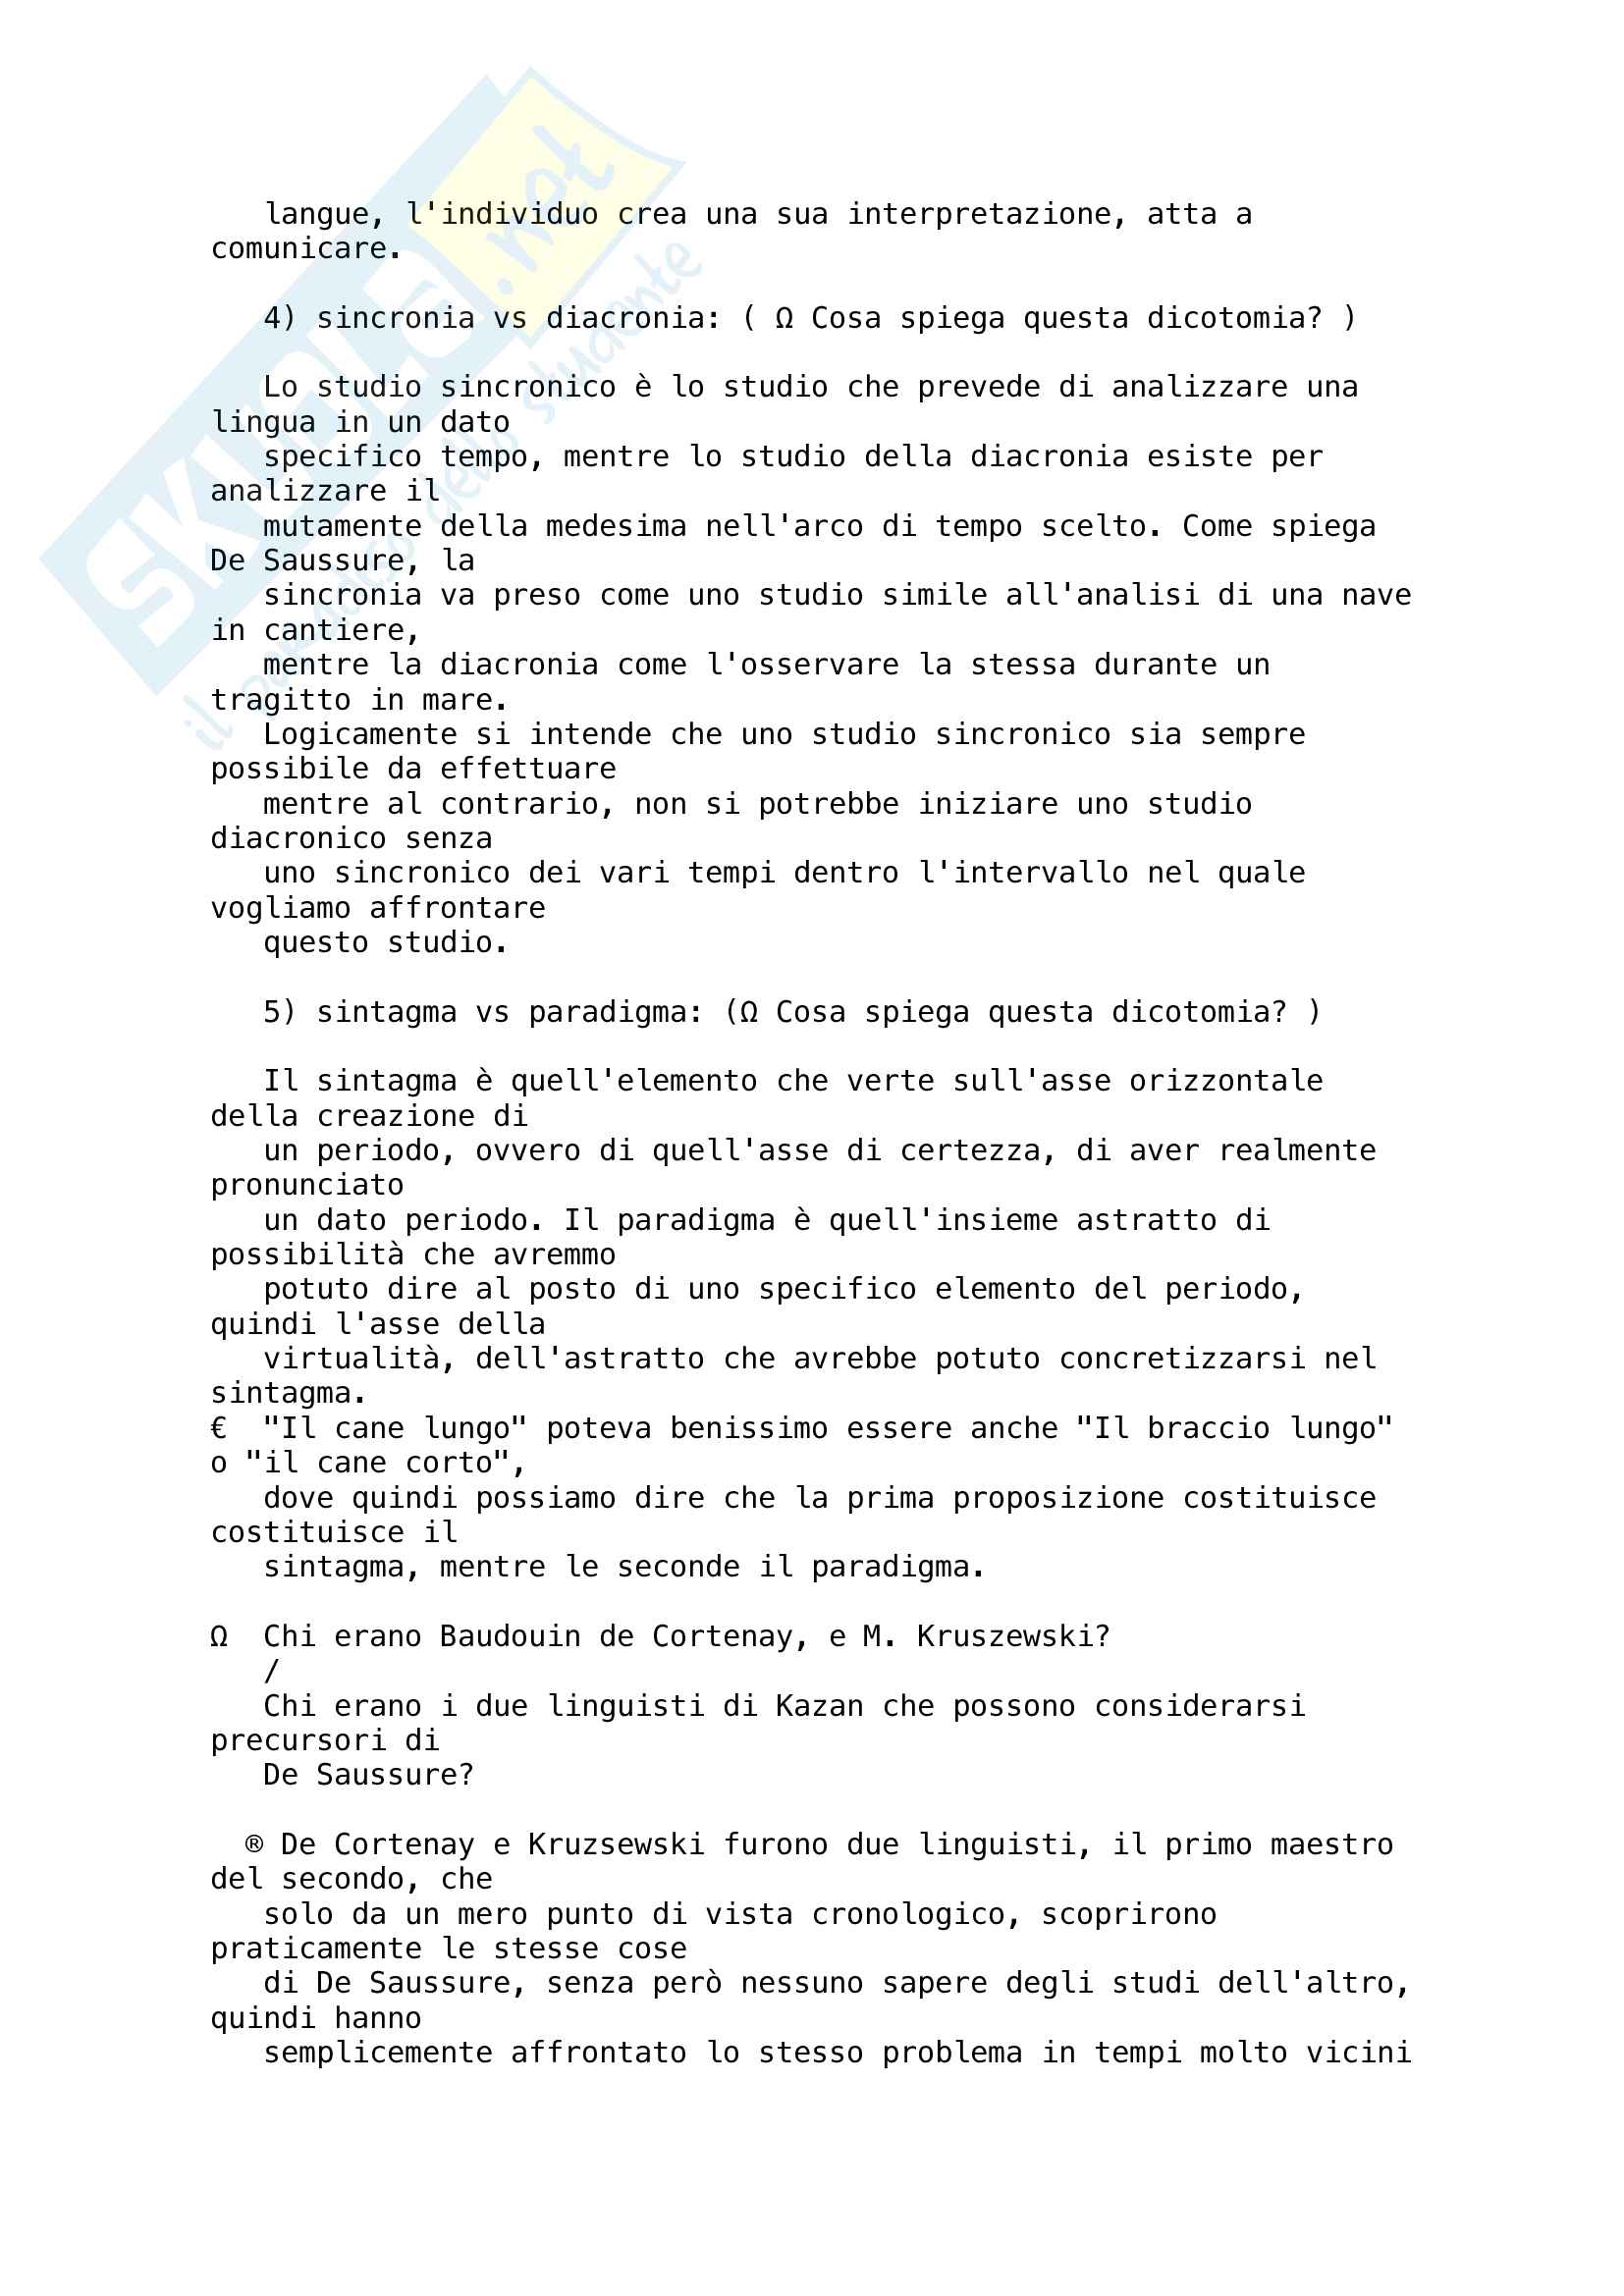 Linguistica Generale - Appunti e domande Pag. 6